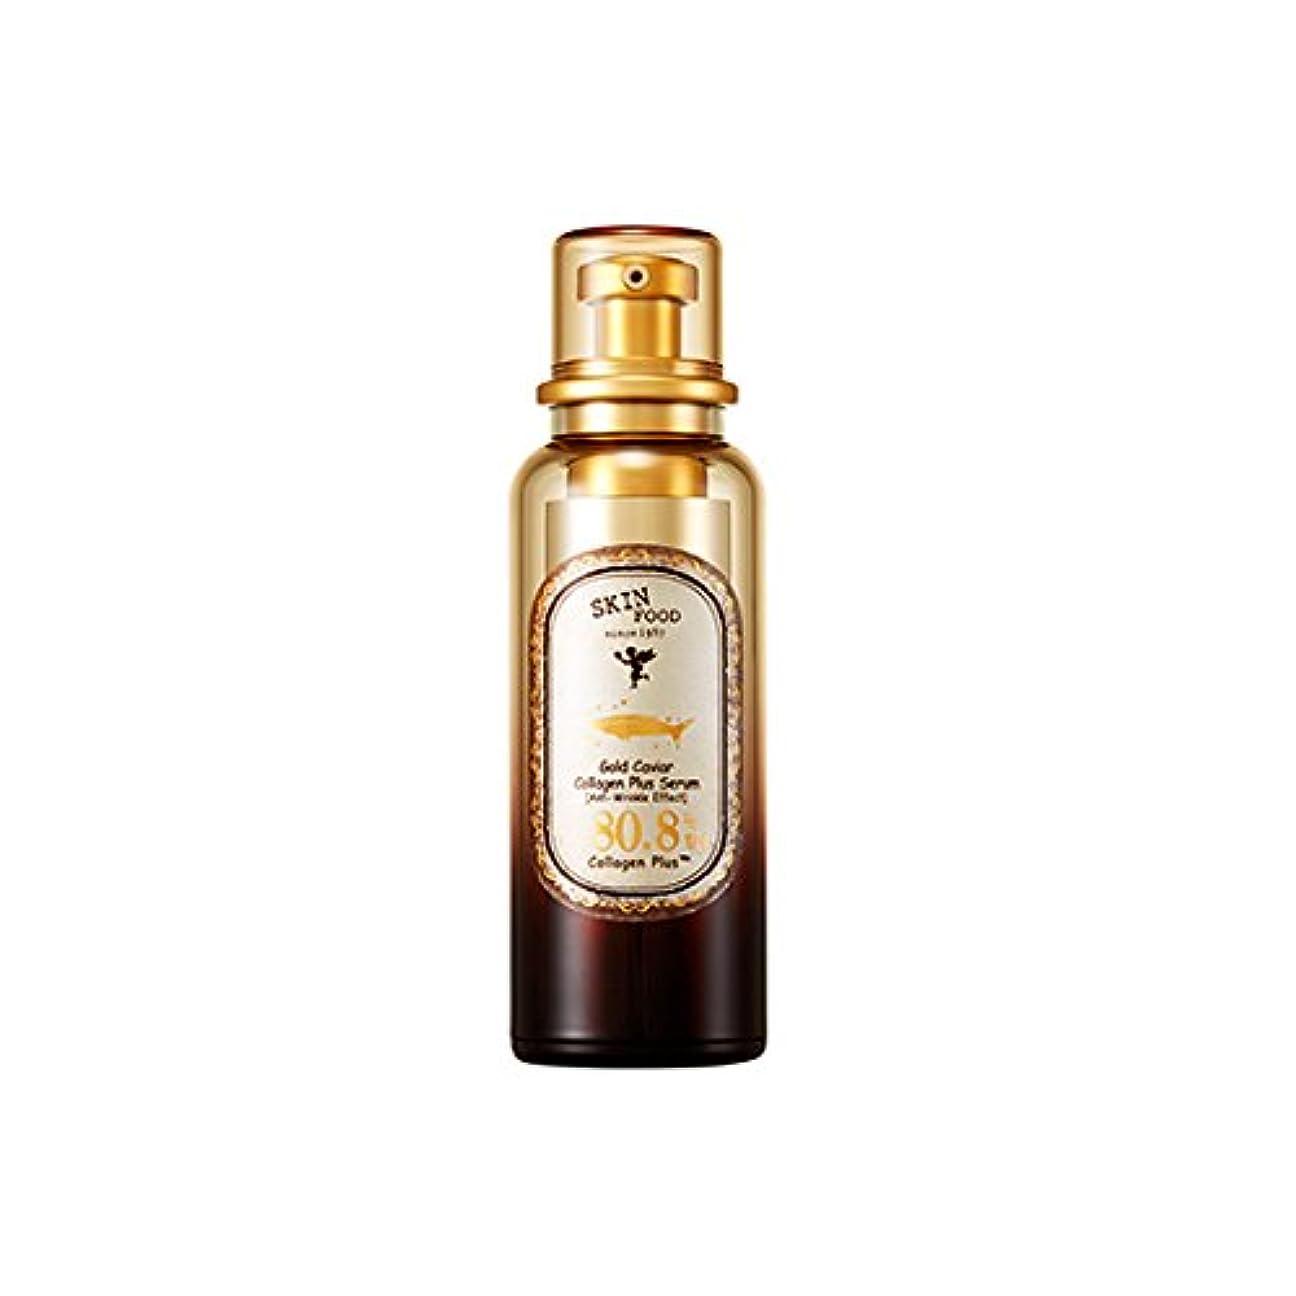 ヘルメットドア間接的Skinfood ゴールドキャビアコラーゲンプラスセラム(しわ防止効果) / Gold Caviar Collagen Plus Serum (Anti-wrinkle Effect) 40ml [並行輸入品]